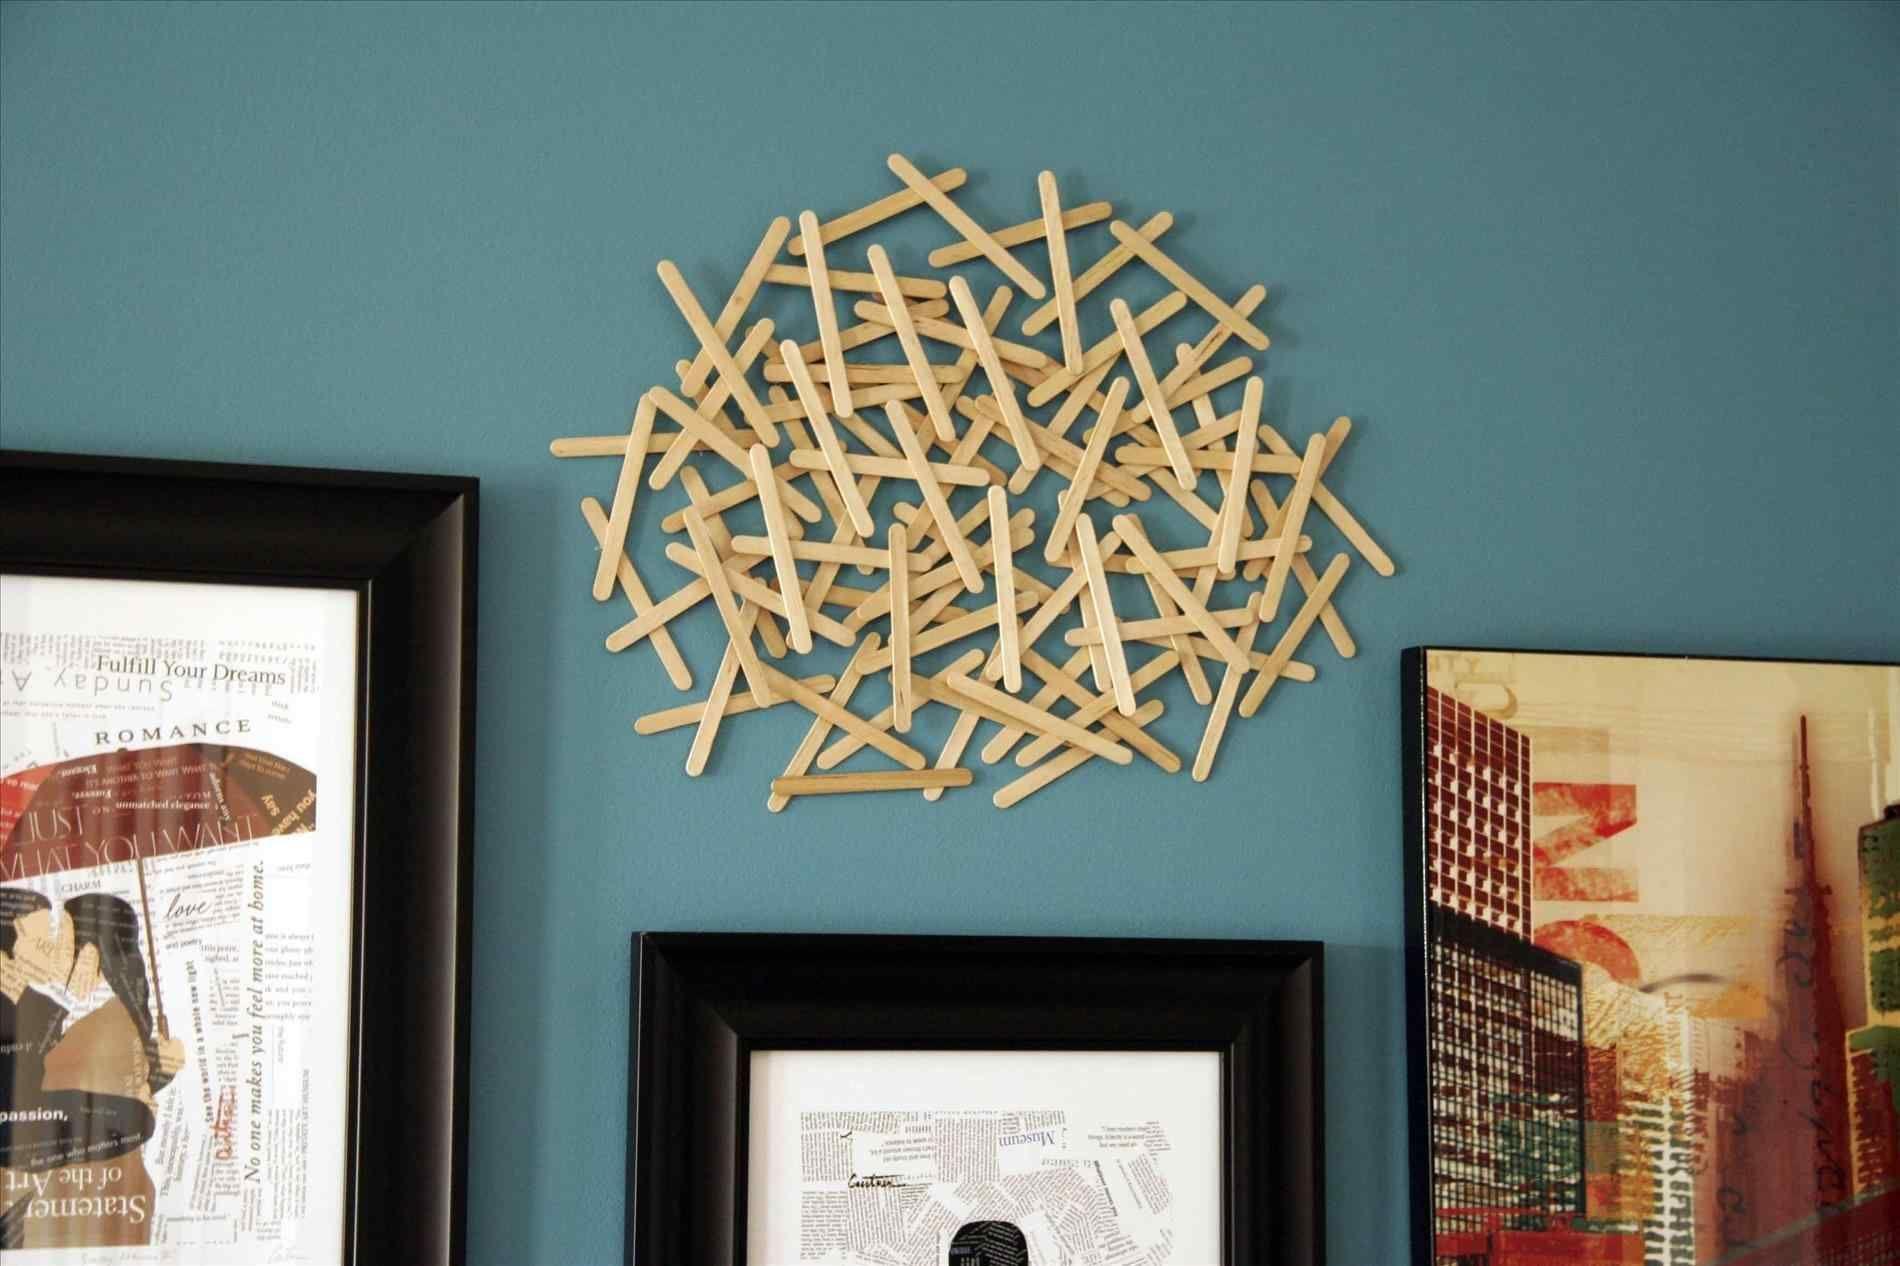 13 Diy Decorative Popsicle Sticks Ideas Breakpr Popsicle Stick Art Popsicle Stick Diy Ice Cream Stick